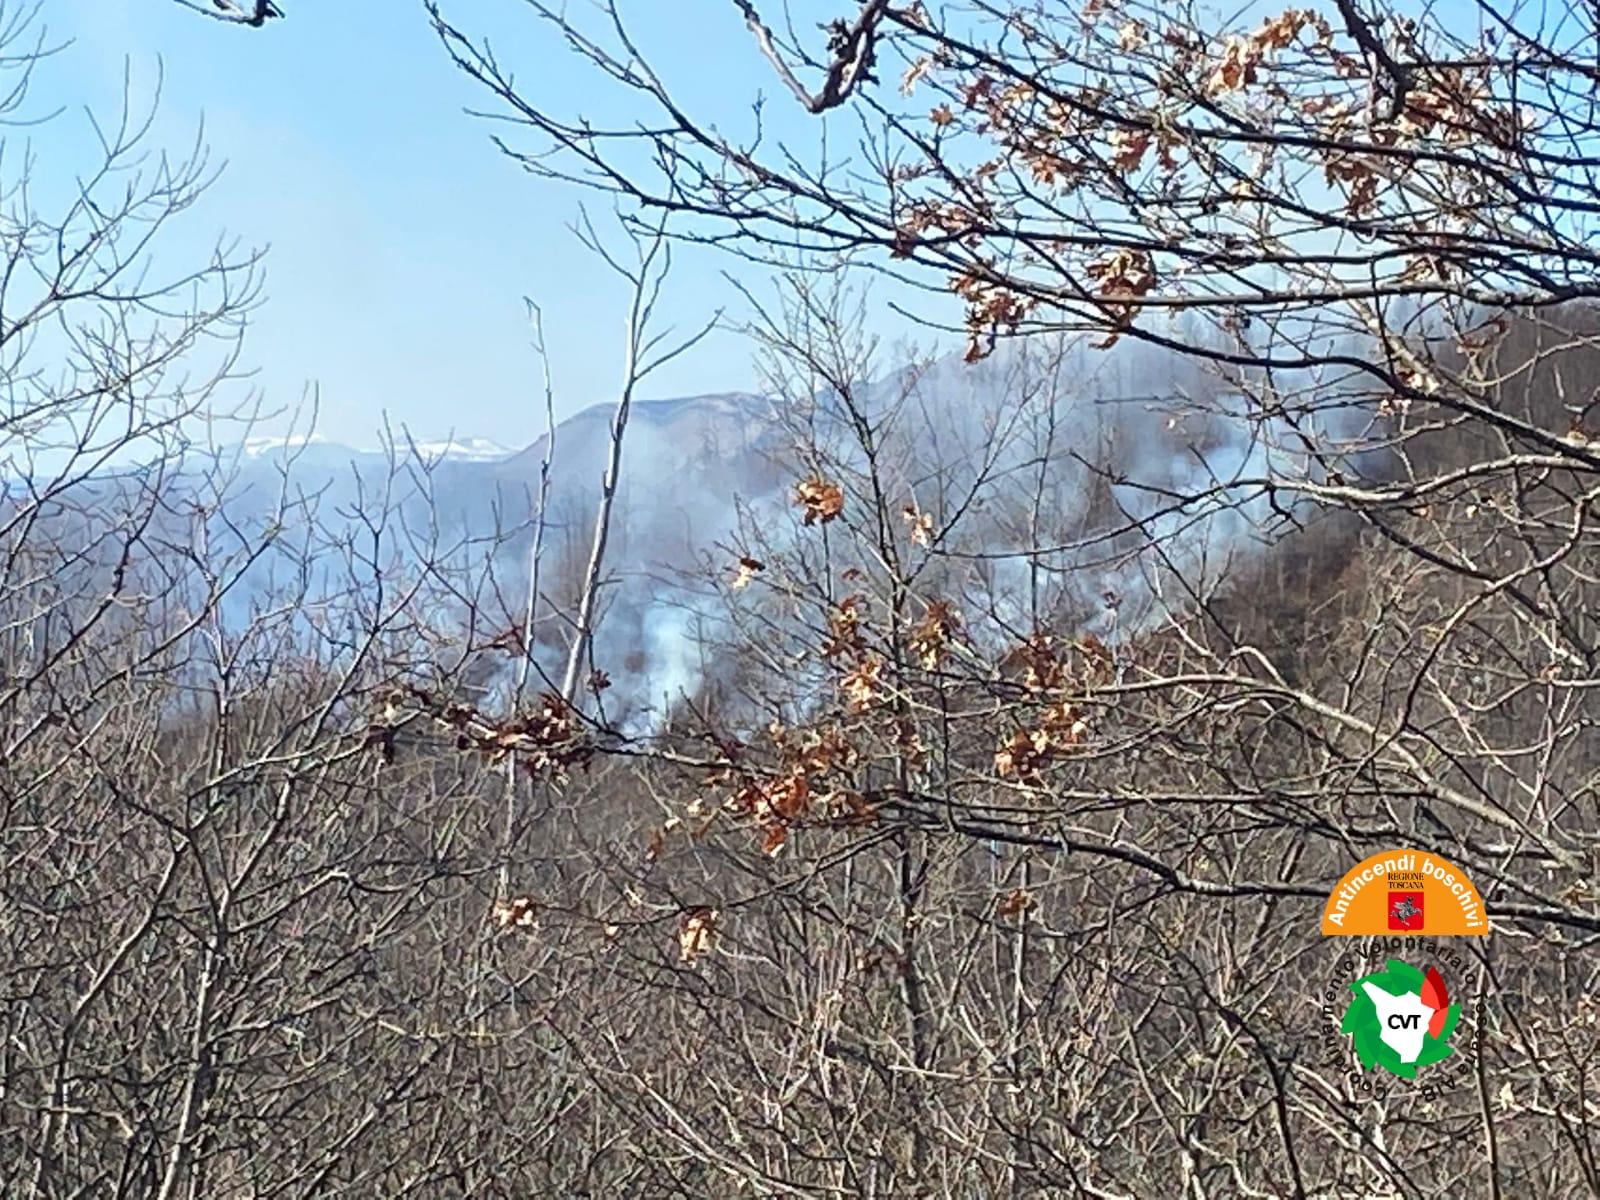 Incendio boschivo a Bagni di Lucca. Sul posto due elicotteri regionali